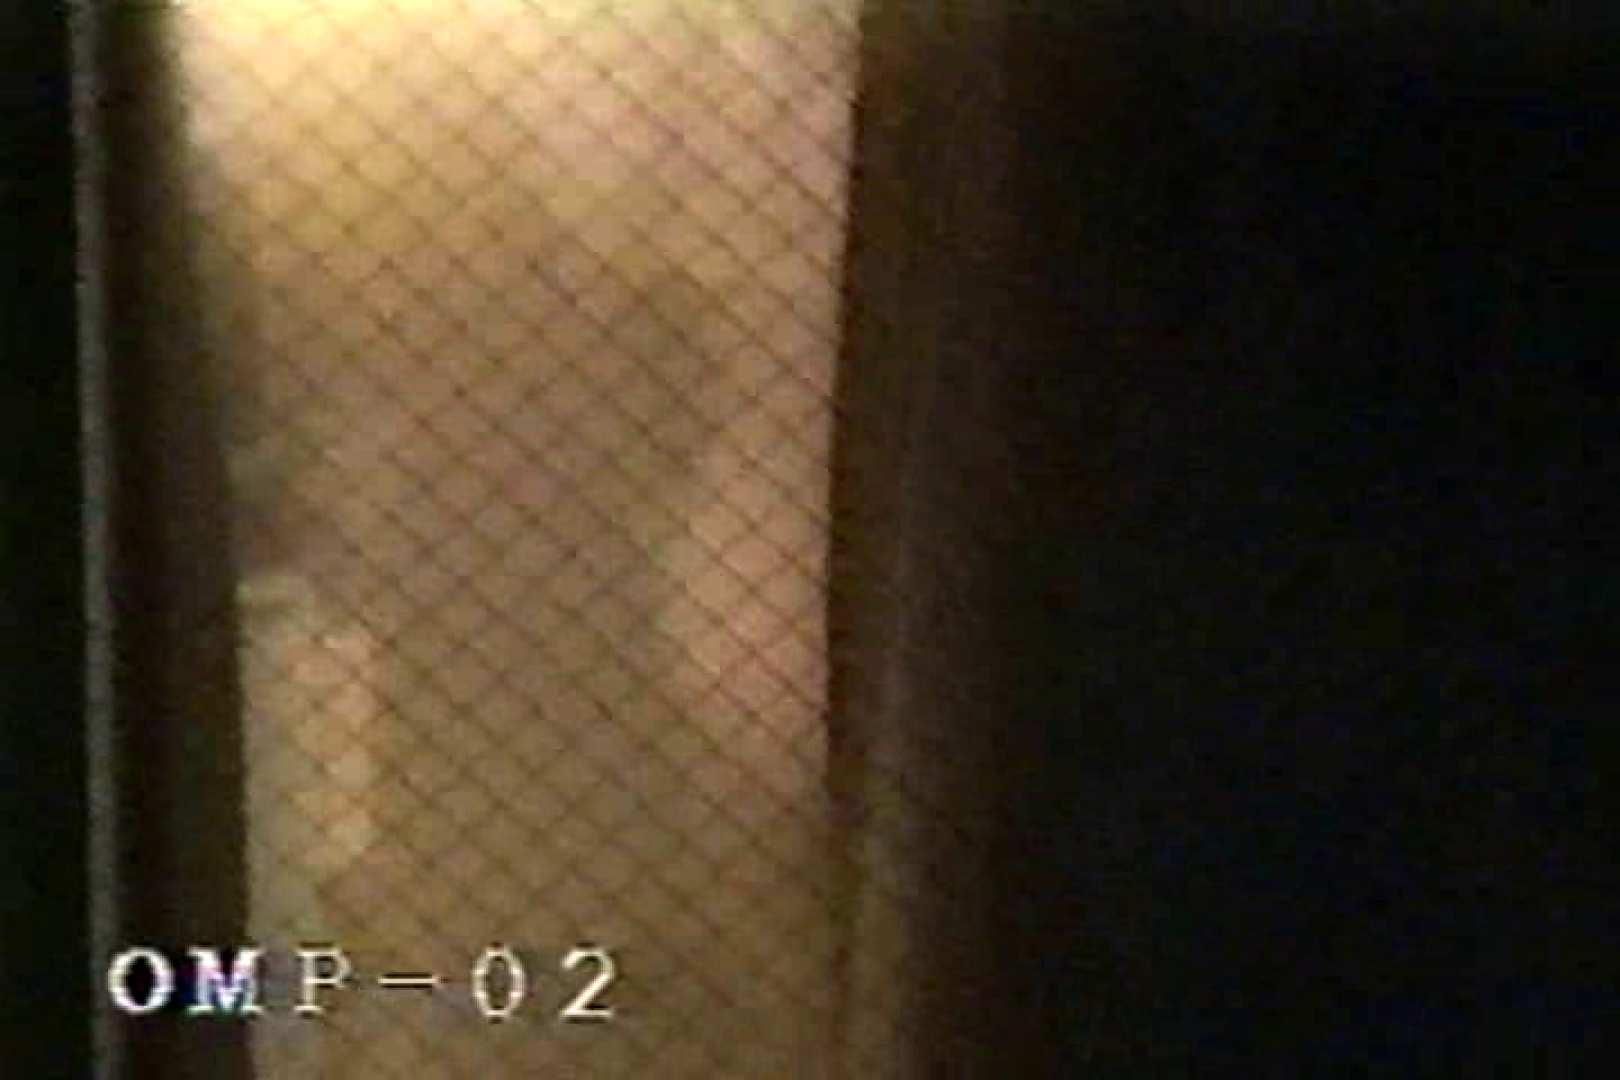 究極の民家覗き撮りVol.2 ホテルでエッチ 盗み撮りSEX無修正画像 50pic 11